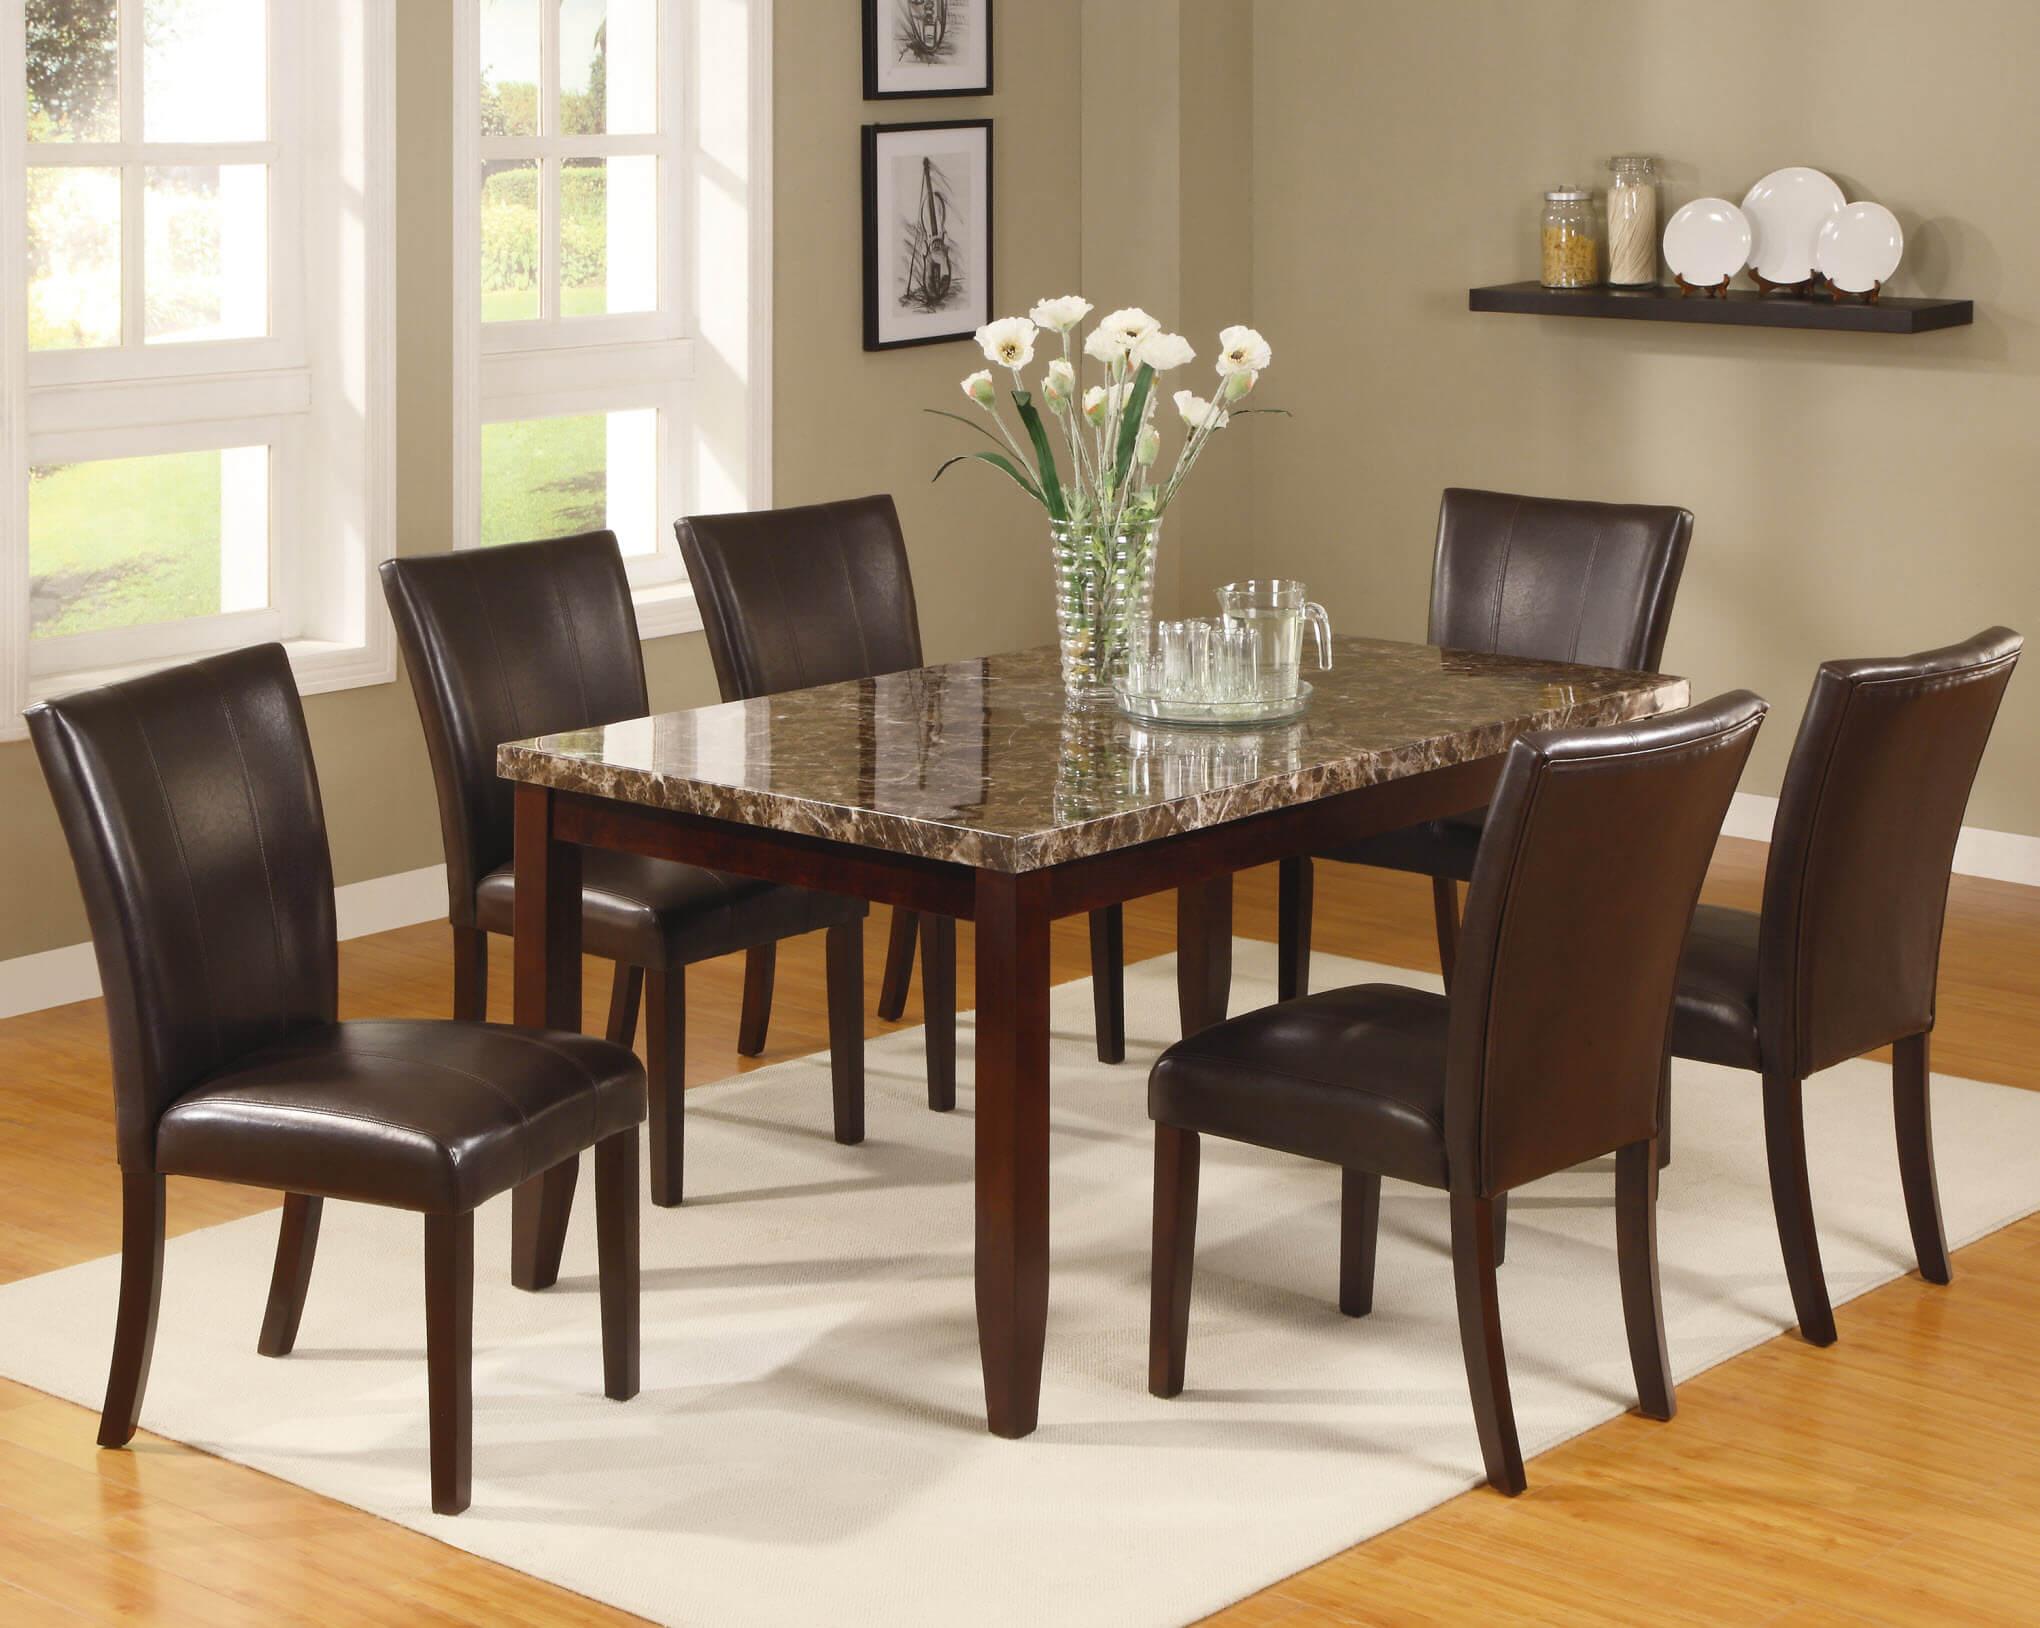 Superb 2221 Ferrara 5 Piece Esspresso Dining Set By Crown Mark Home Interior And Landscaping Transignezvosmurscom